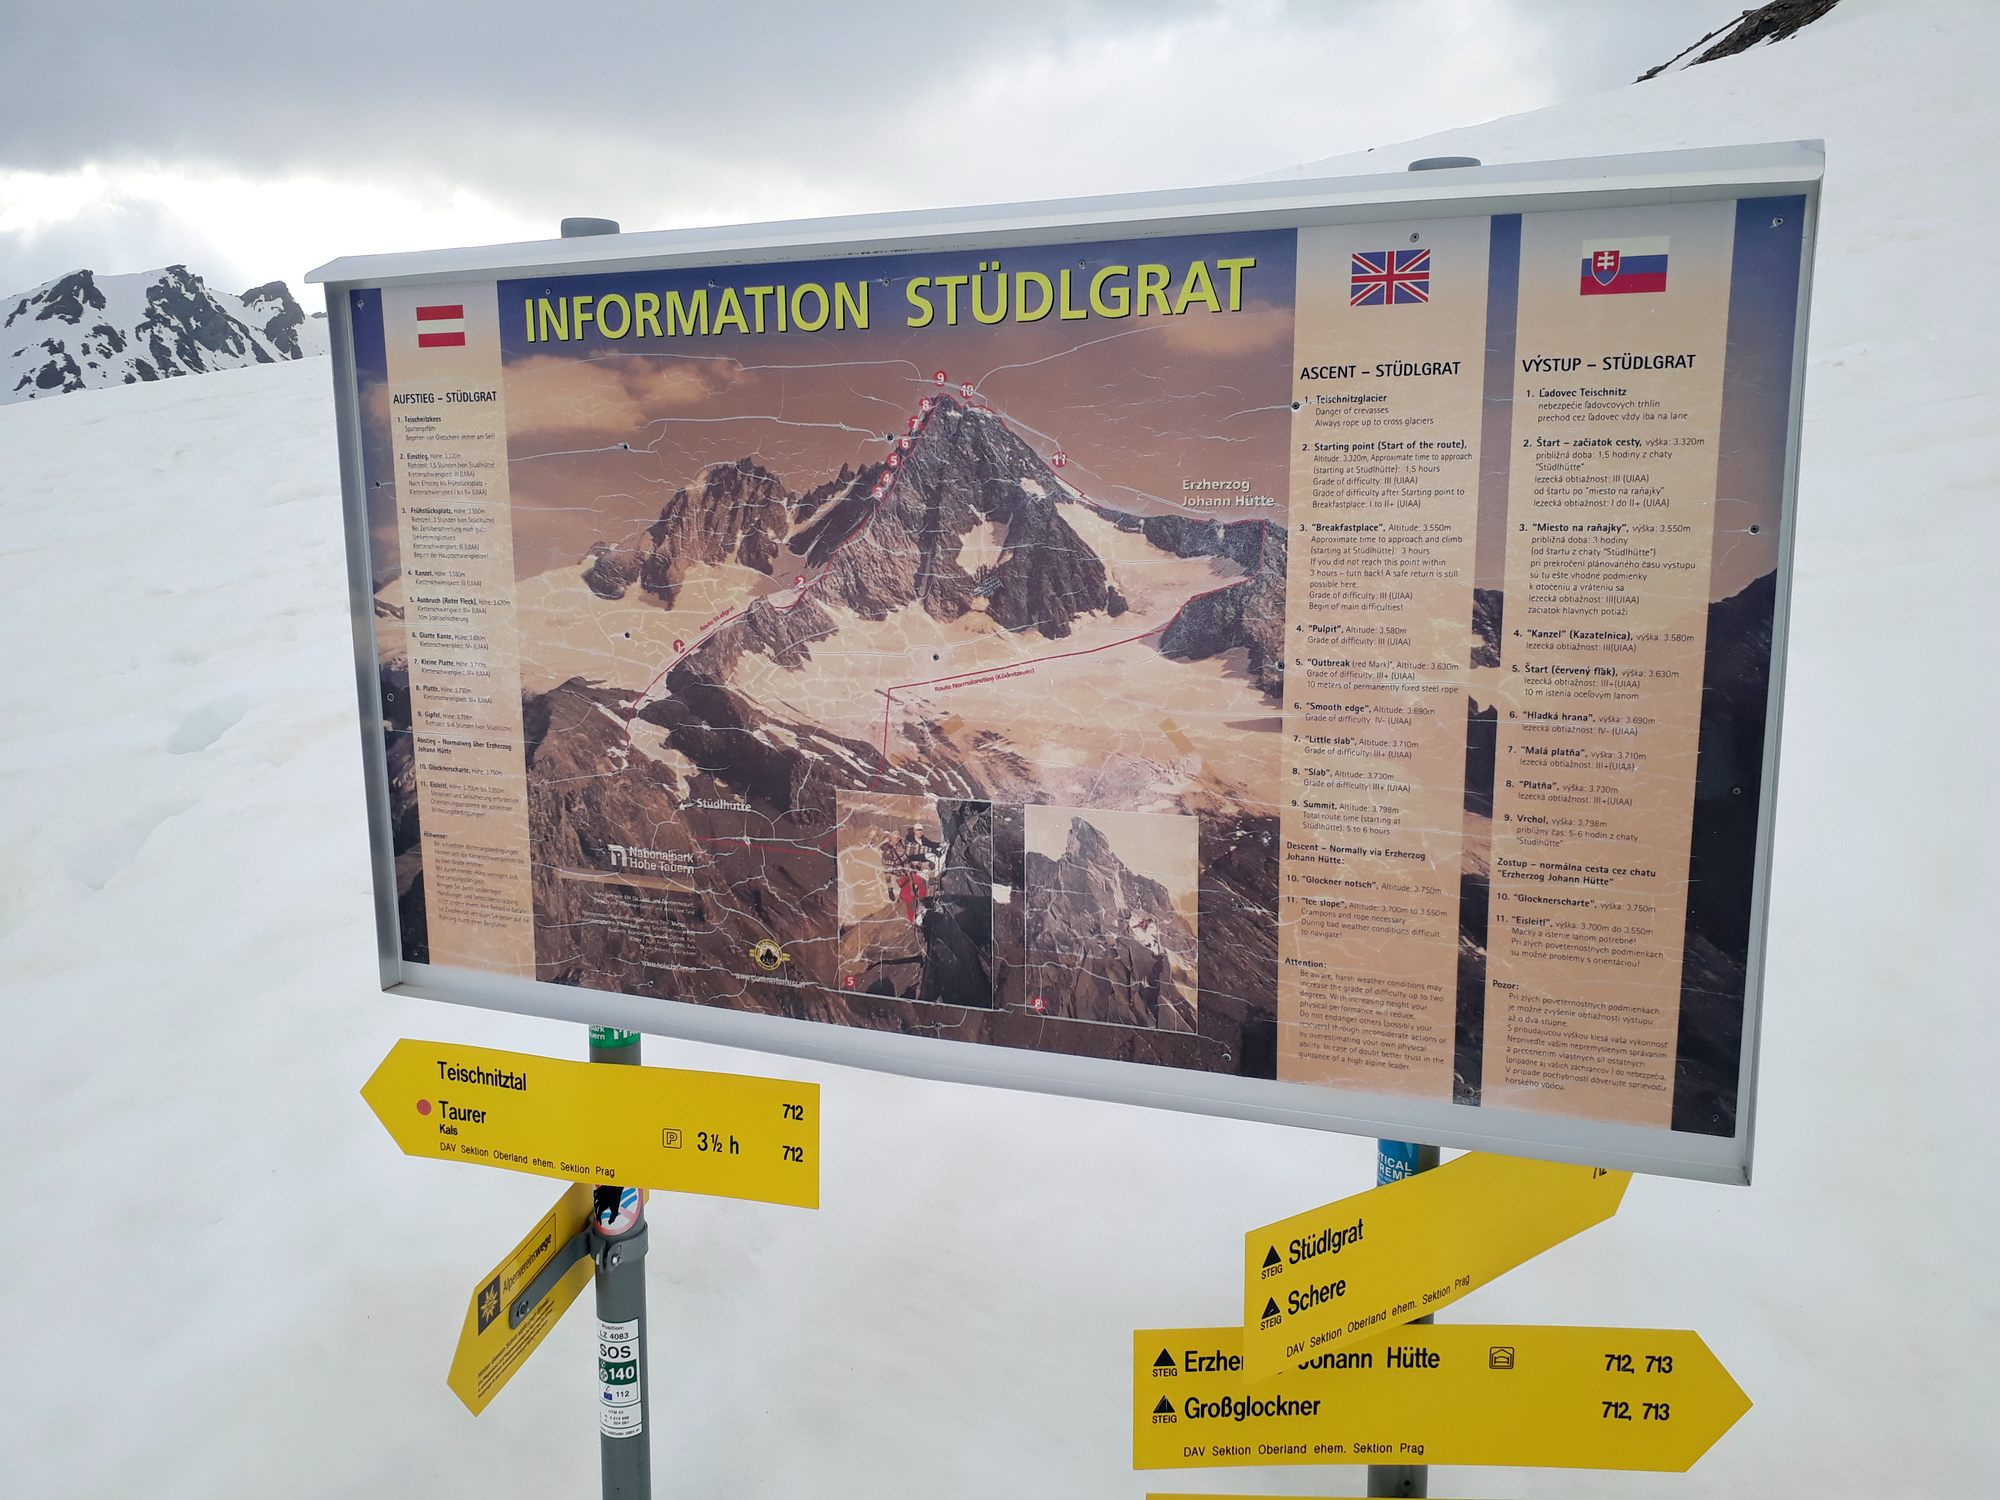 Návod na použitie Studlgratu, Slovenčina medzi tromi vybranými jazykmi